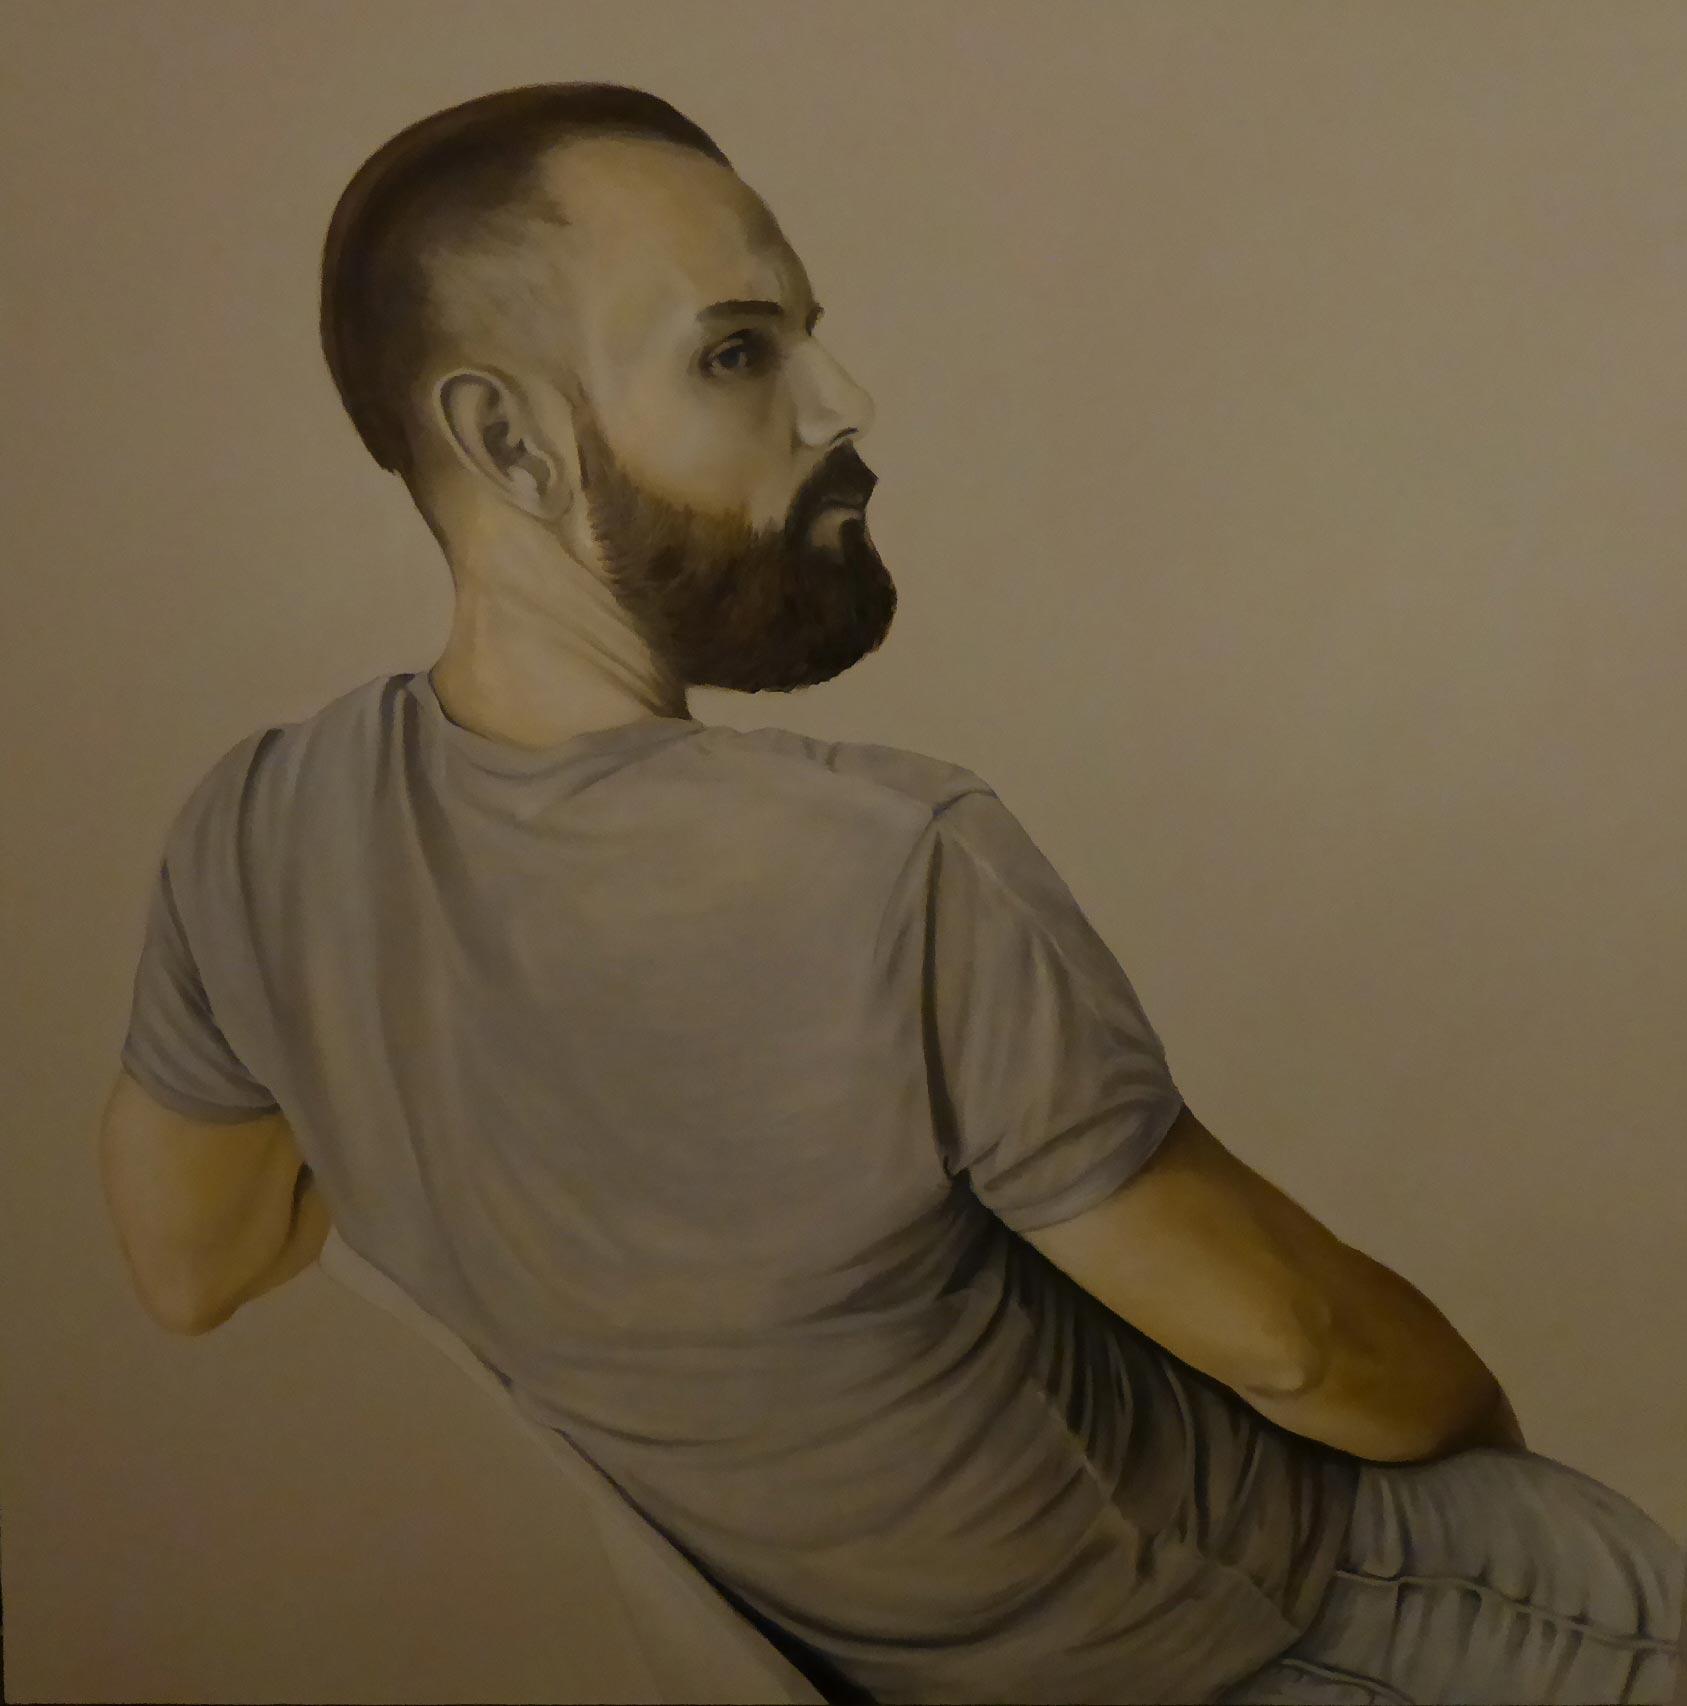 Pintura de José Luis Gómez en Homocultura, cultura gay.